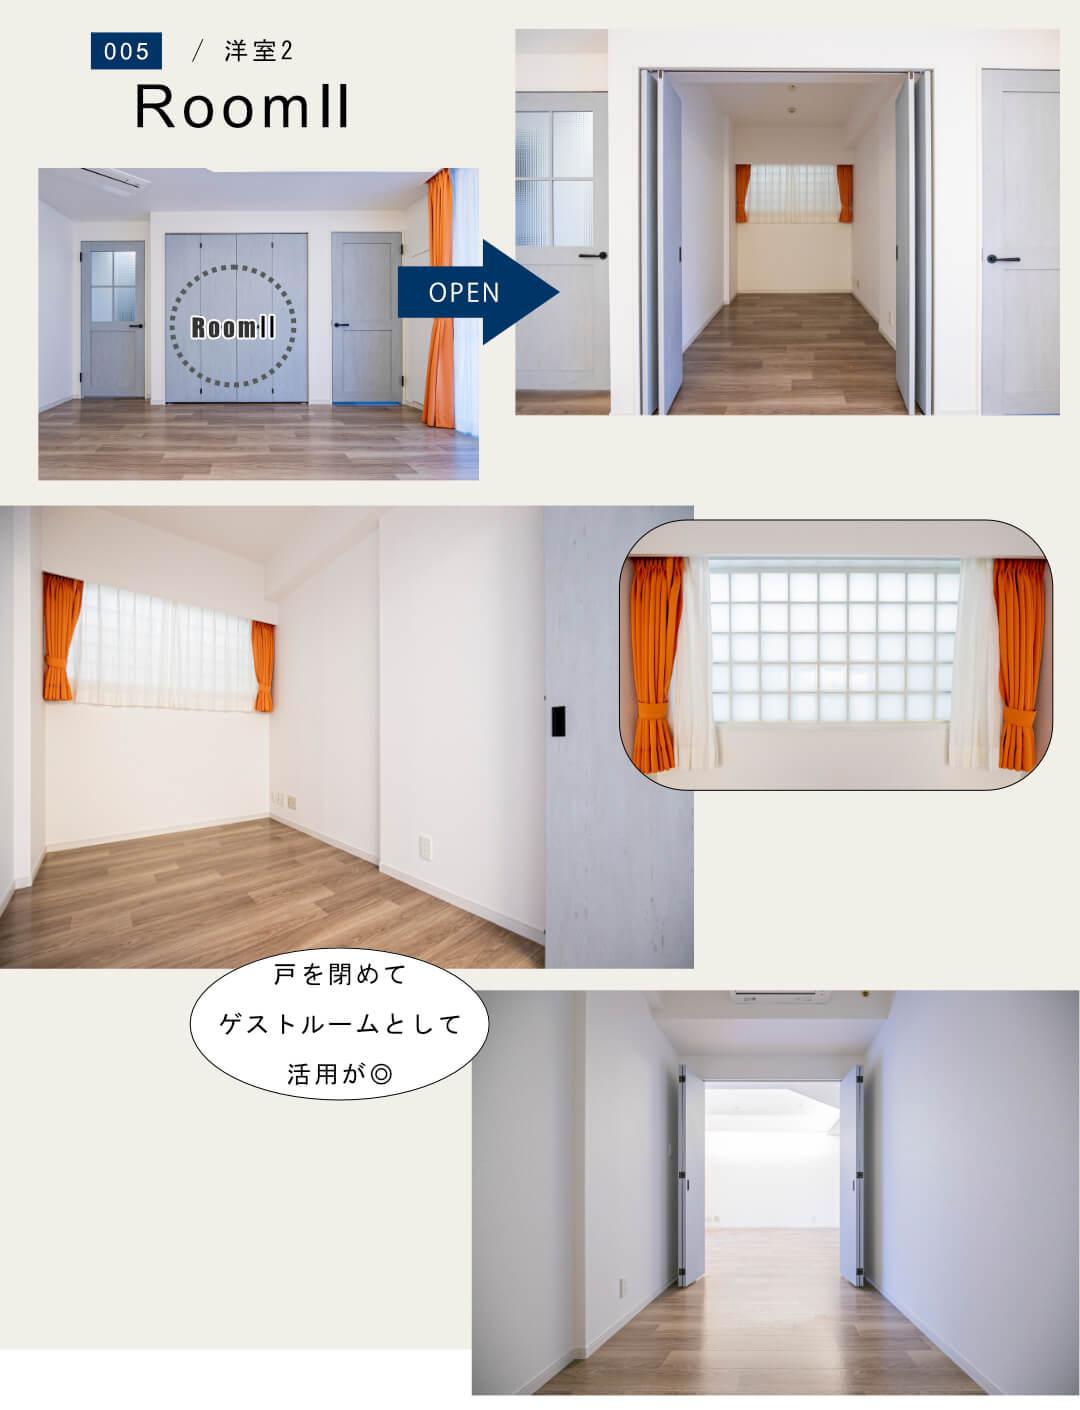 小田急コアロード広尾201の洋室2